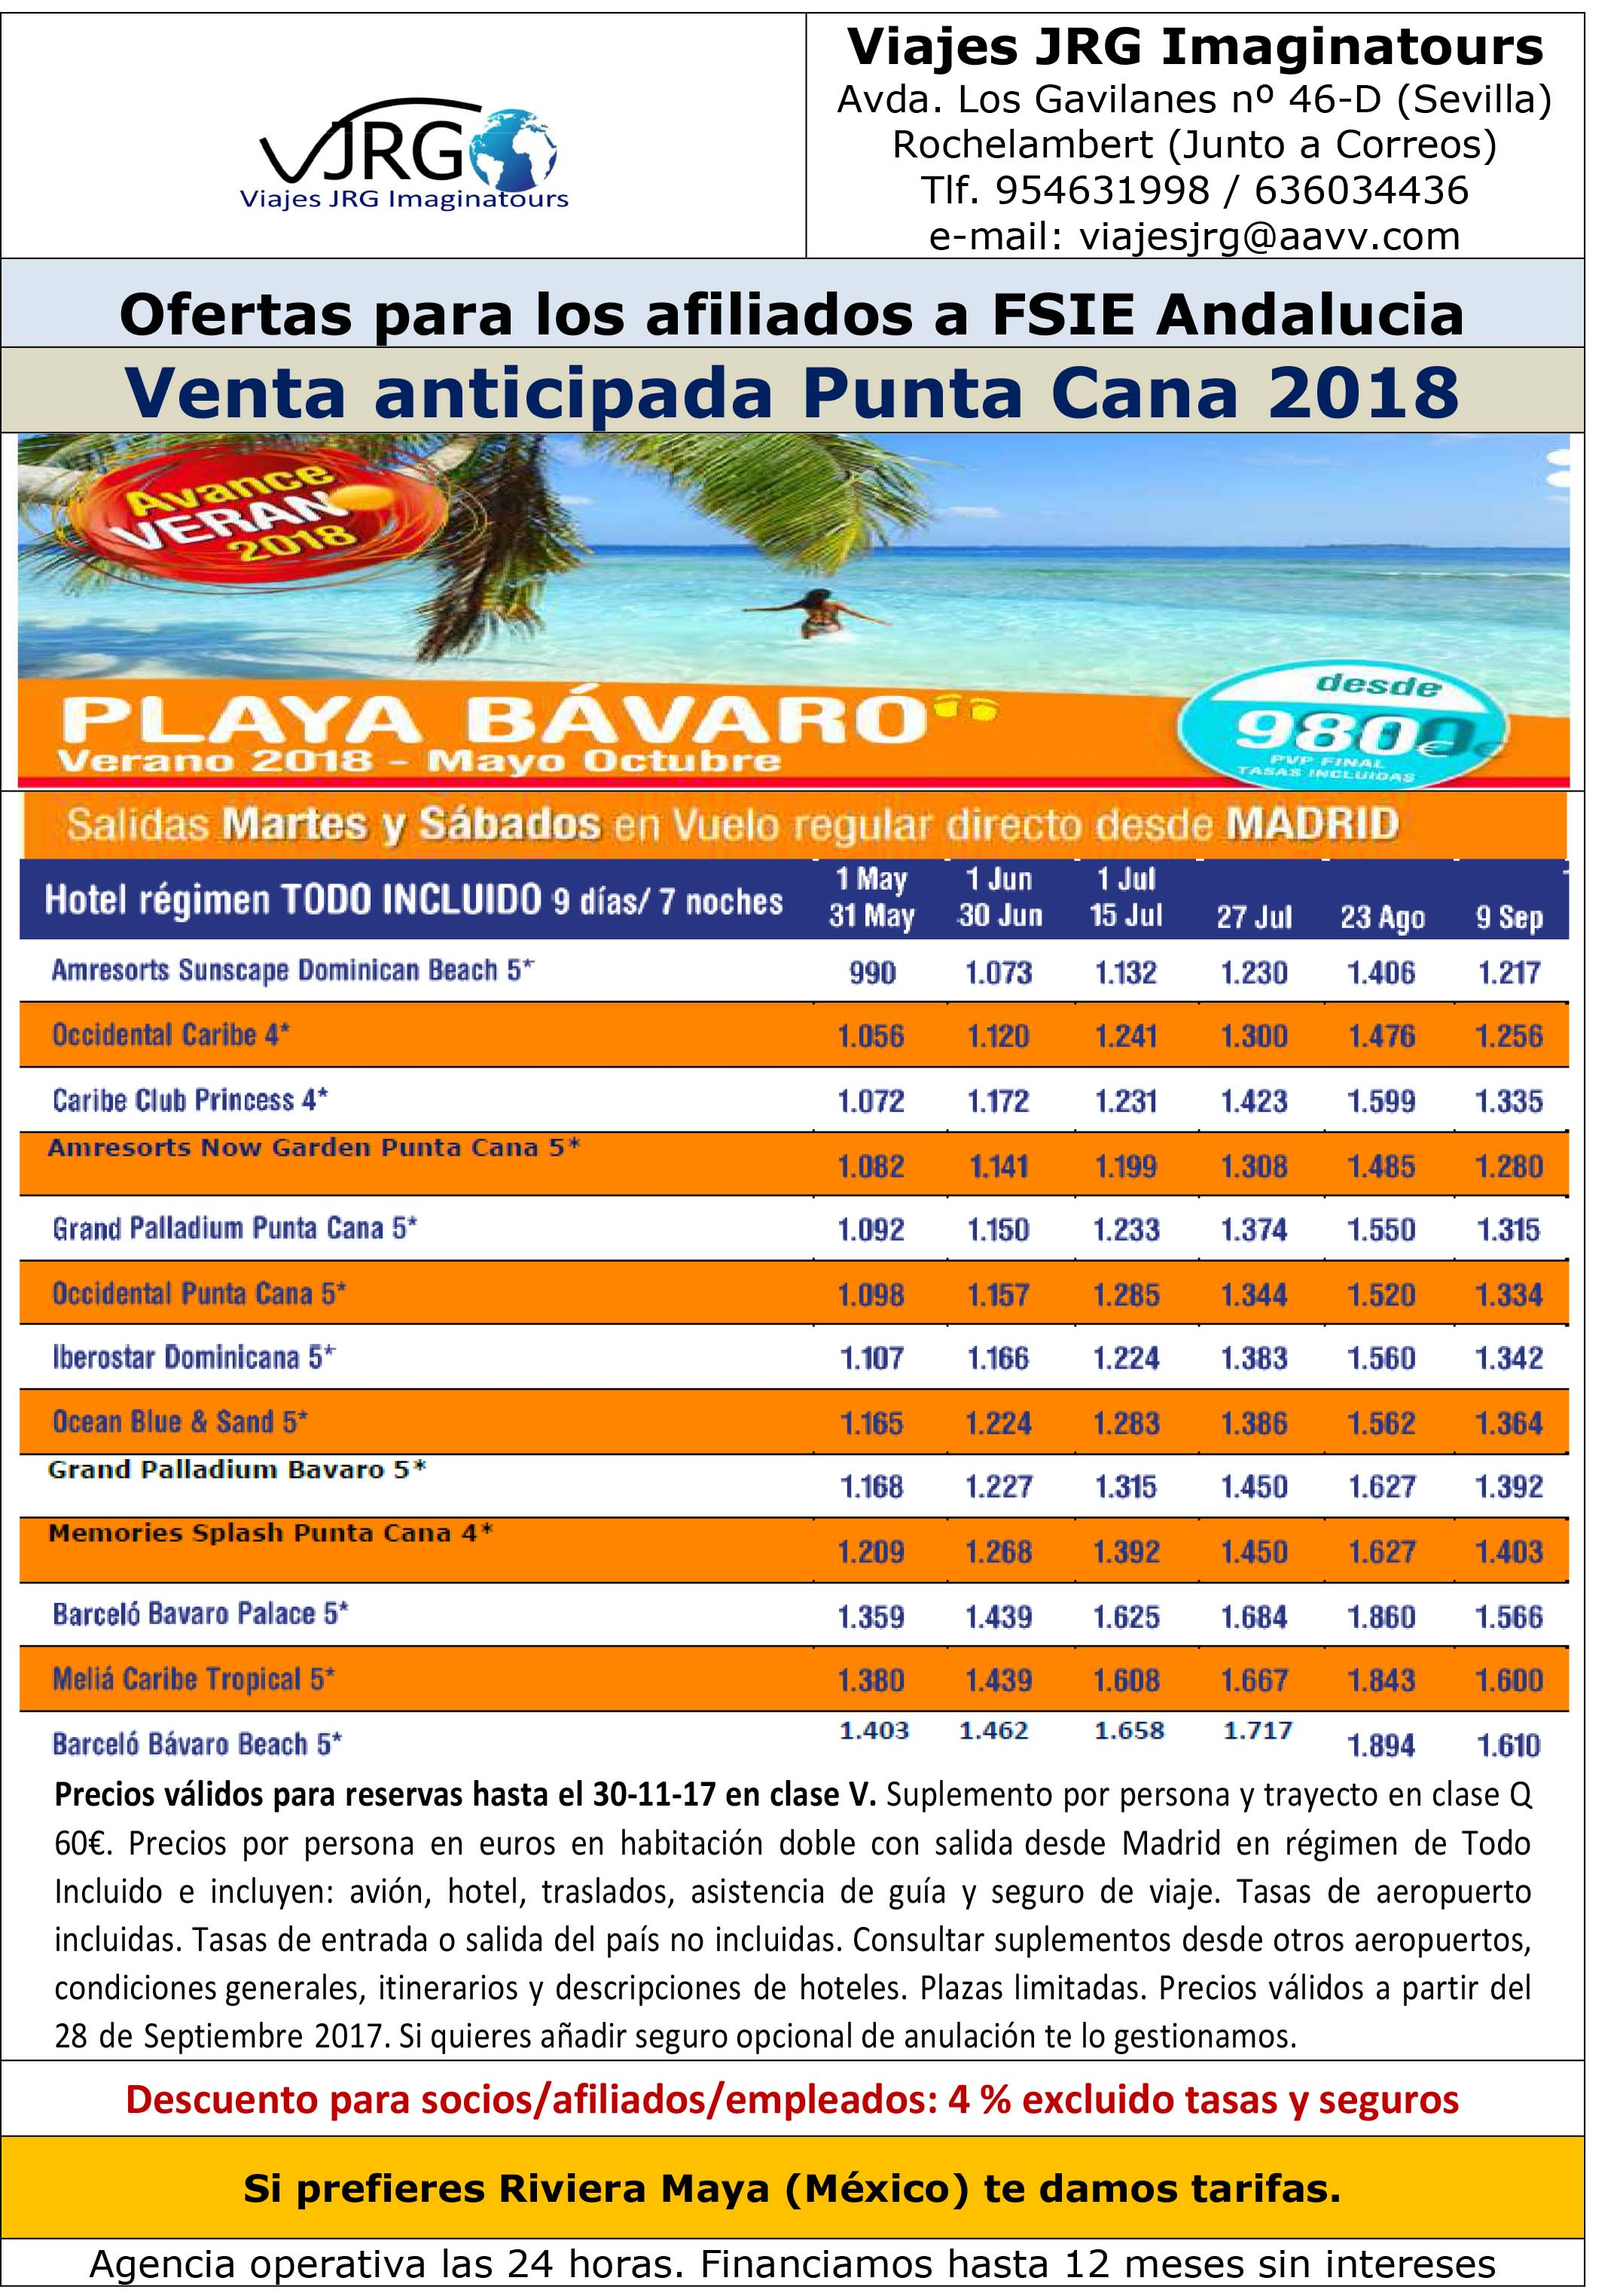 20170929 Venta anticipada Punta Cana 20182229